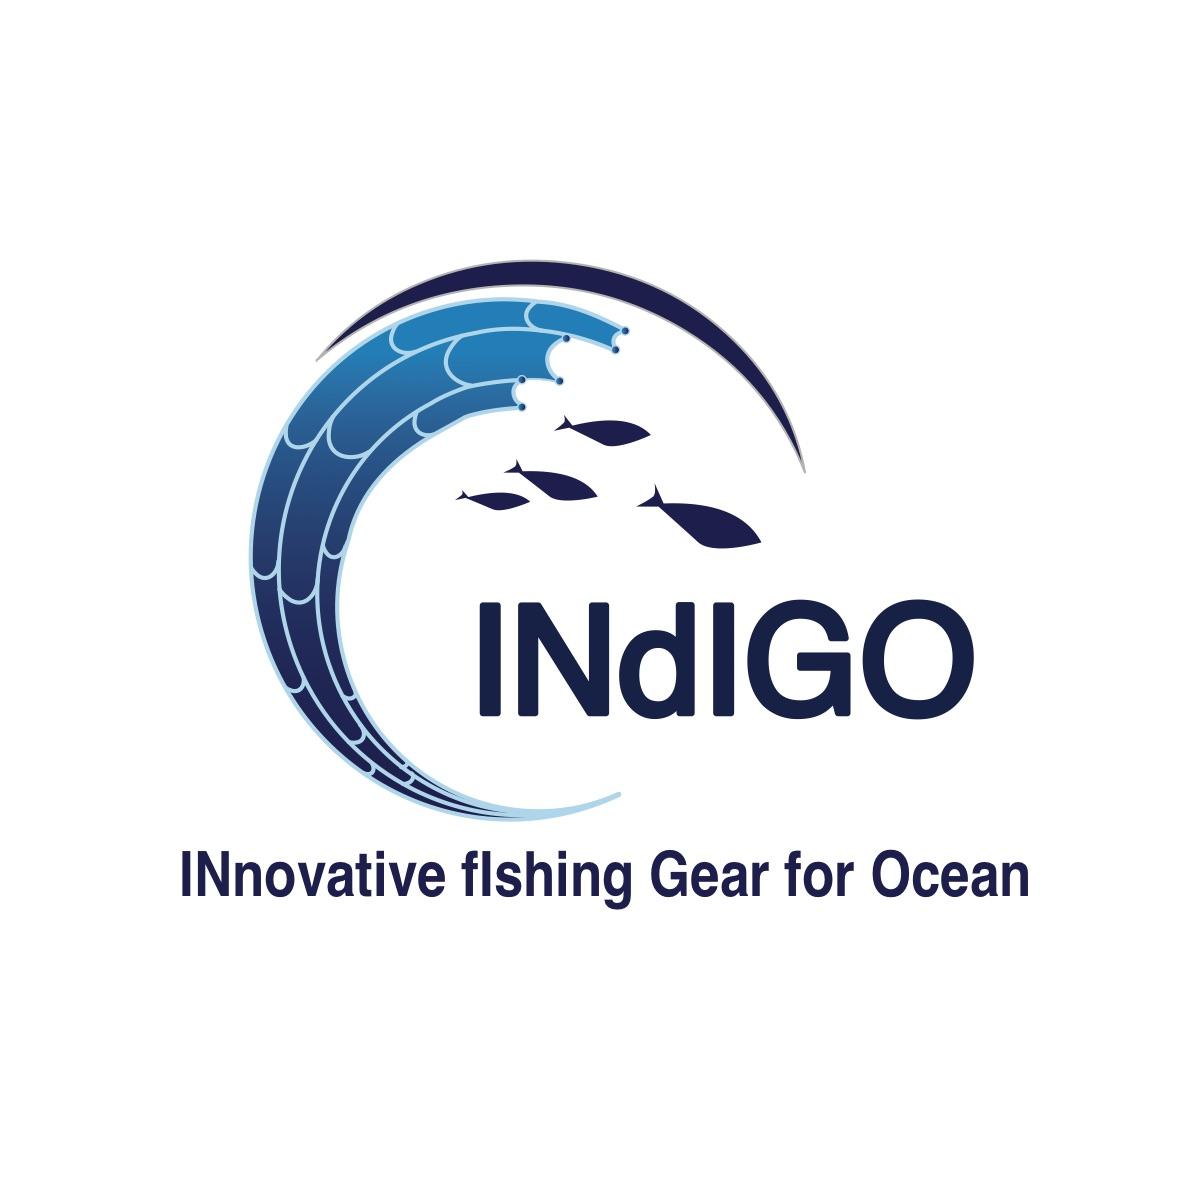 Les lundis de la mer – Développer les engins de pêche de demain grâce aux plastiques biodégradables